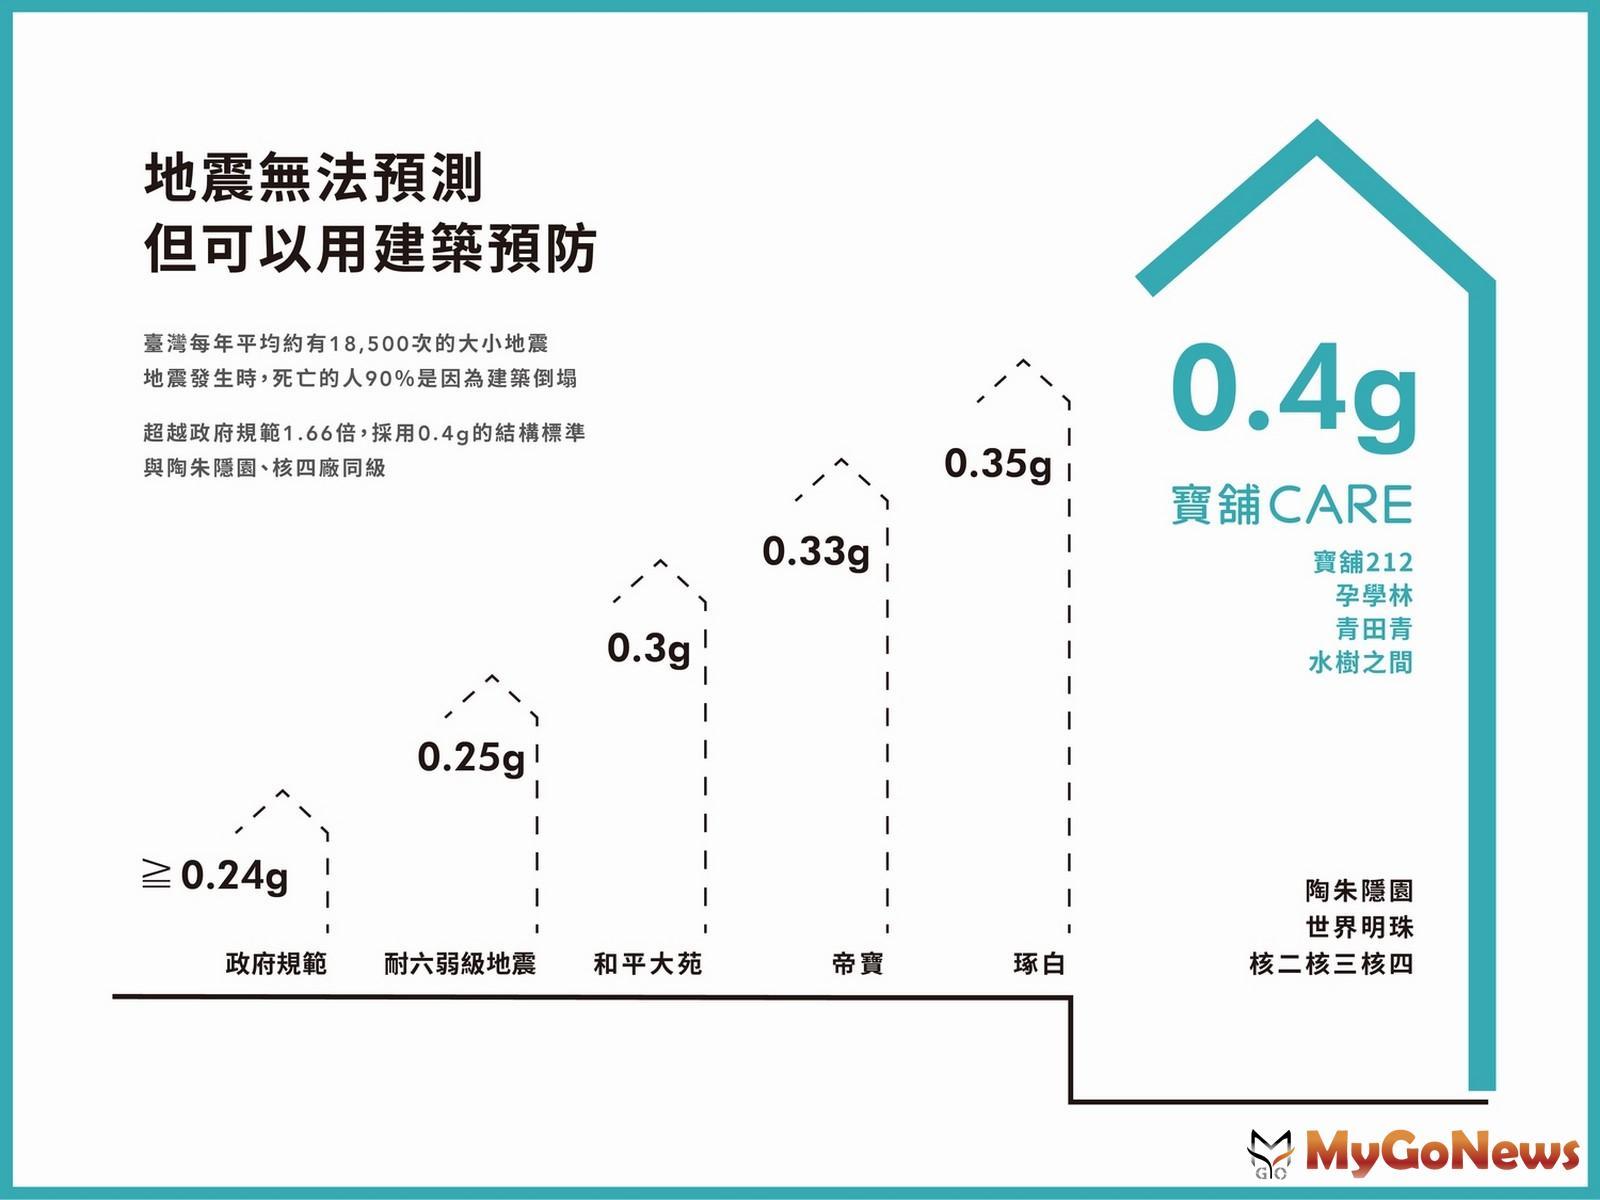 「寶舖CARE」結構設計0.4G等同核電廠與超級豪宅陶朱隱園(圖/業者提供) MyGoNews房地產新聞 熱銷推案